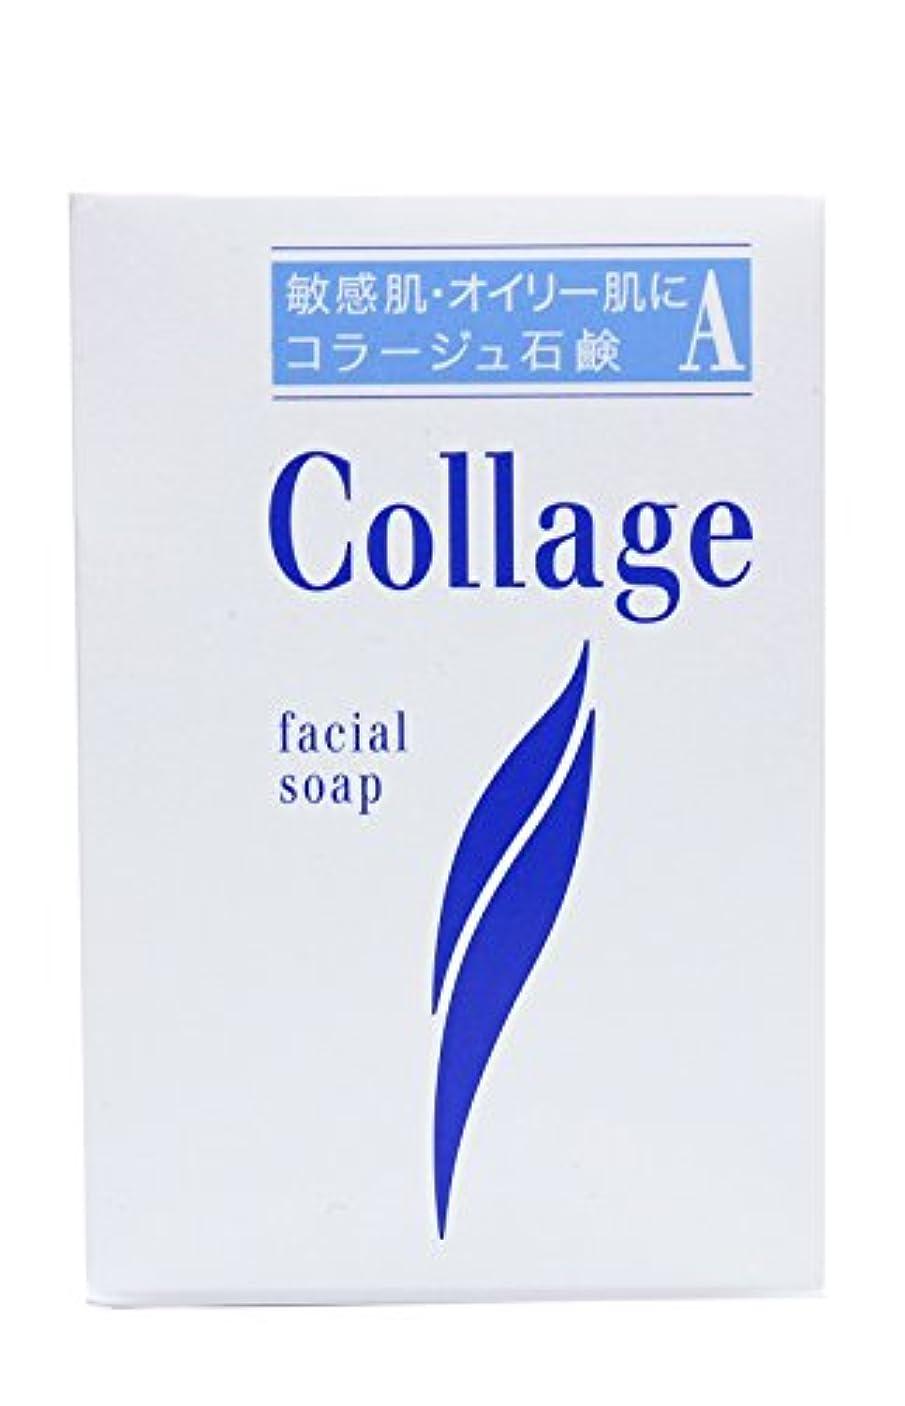 ライム経験シロクマコラージュ A脂性肌用石鹸 100g